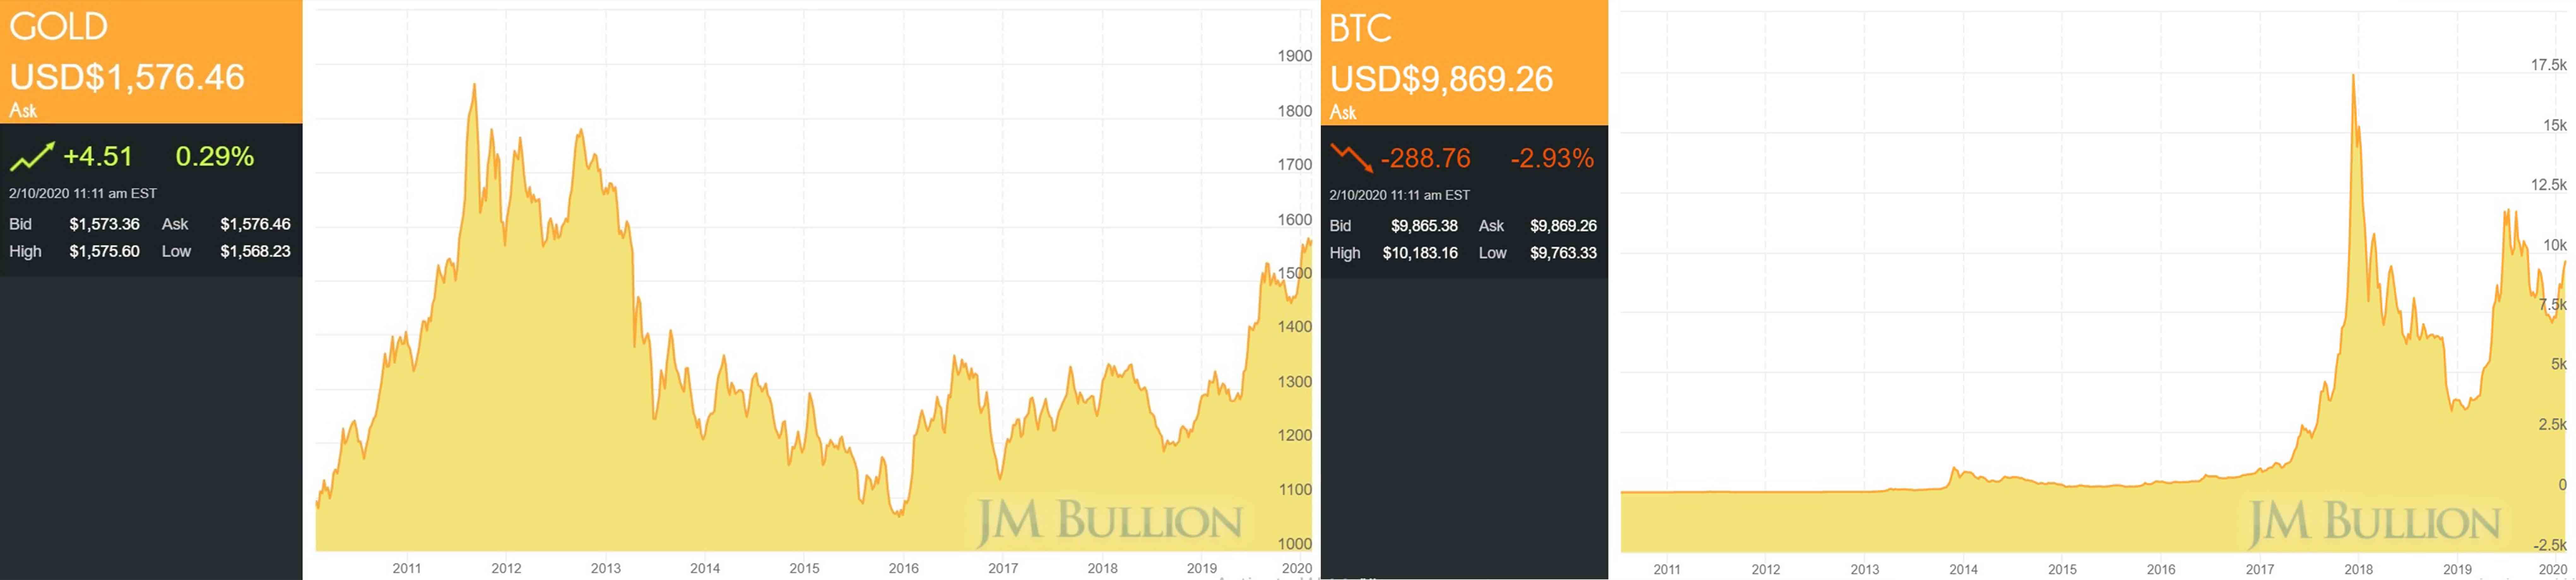 bitcoinok a kezdetektől fogva)